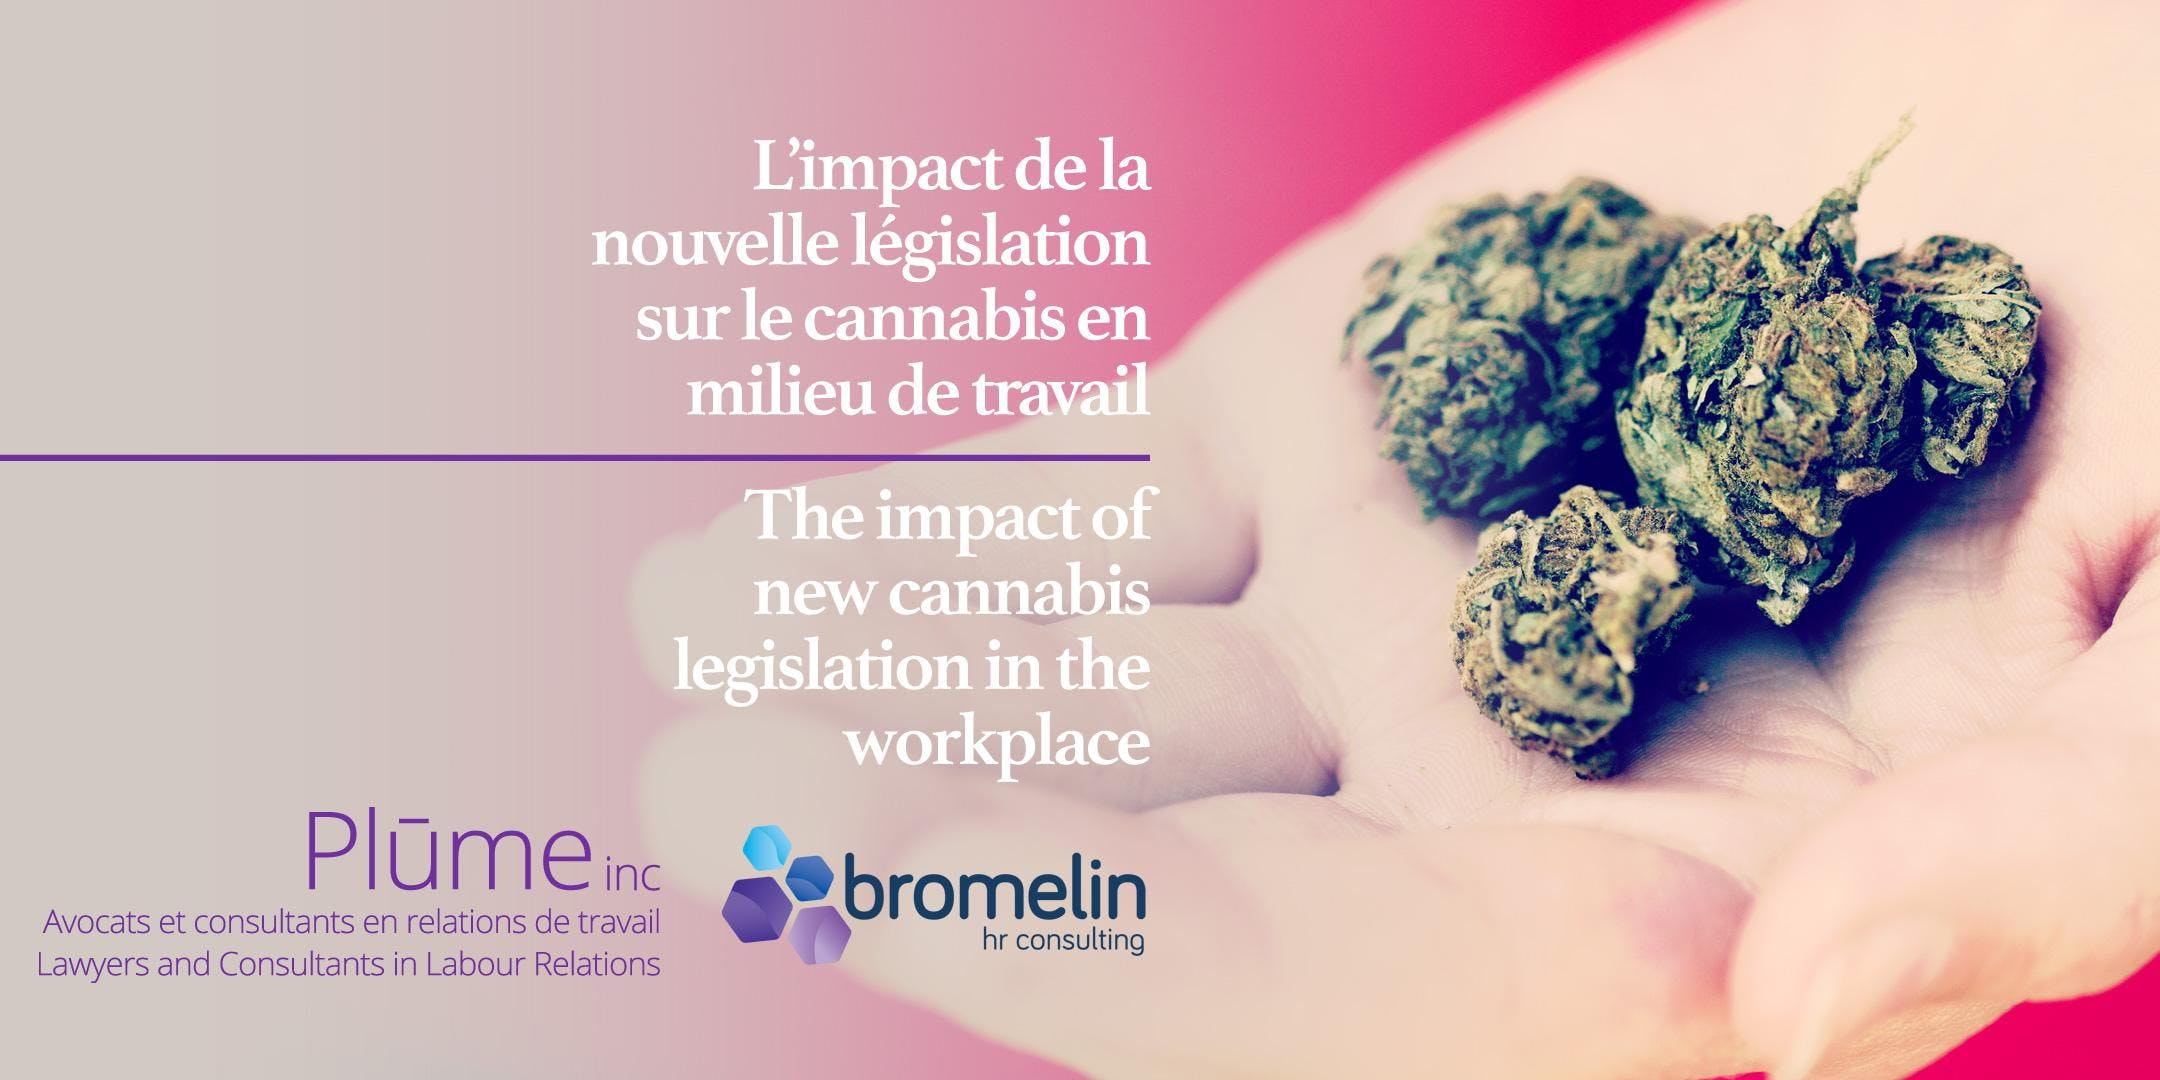 L'impact de la nouvelle législation sur le ca